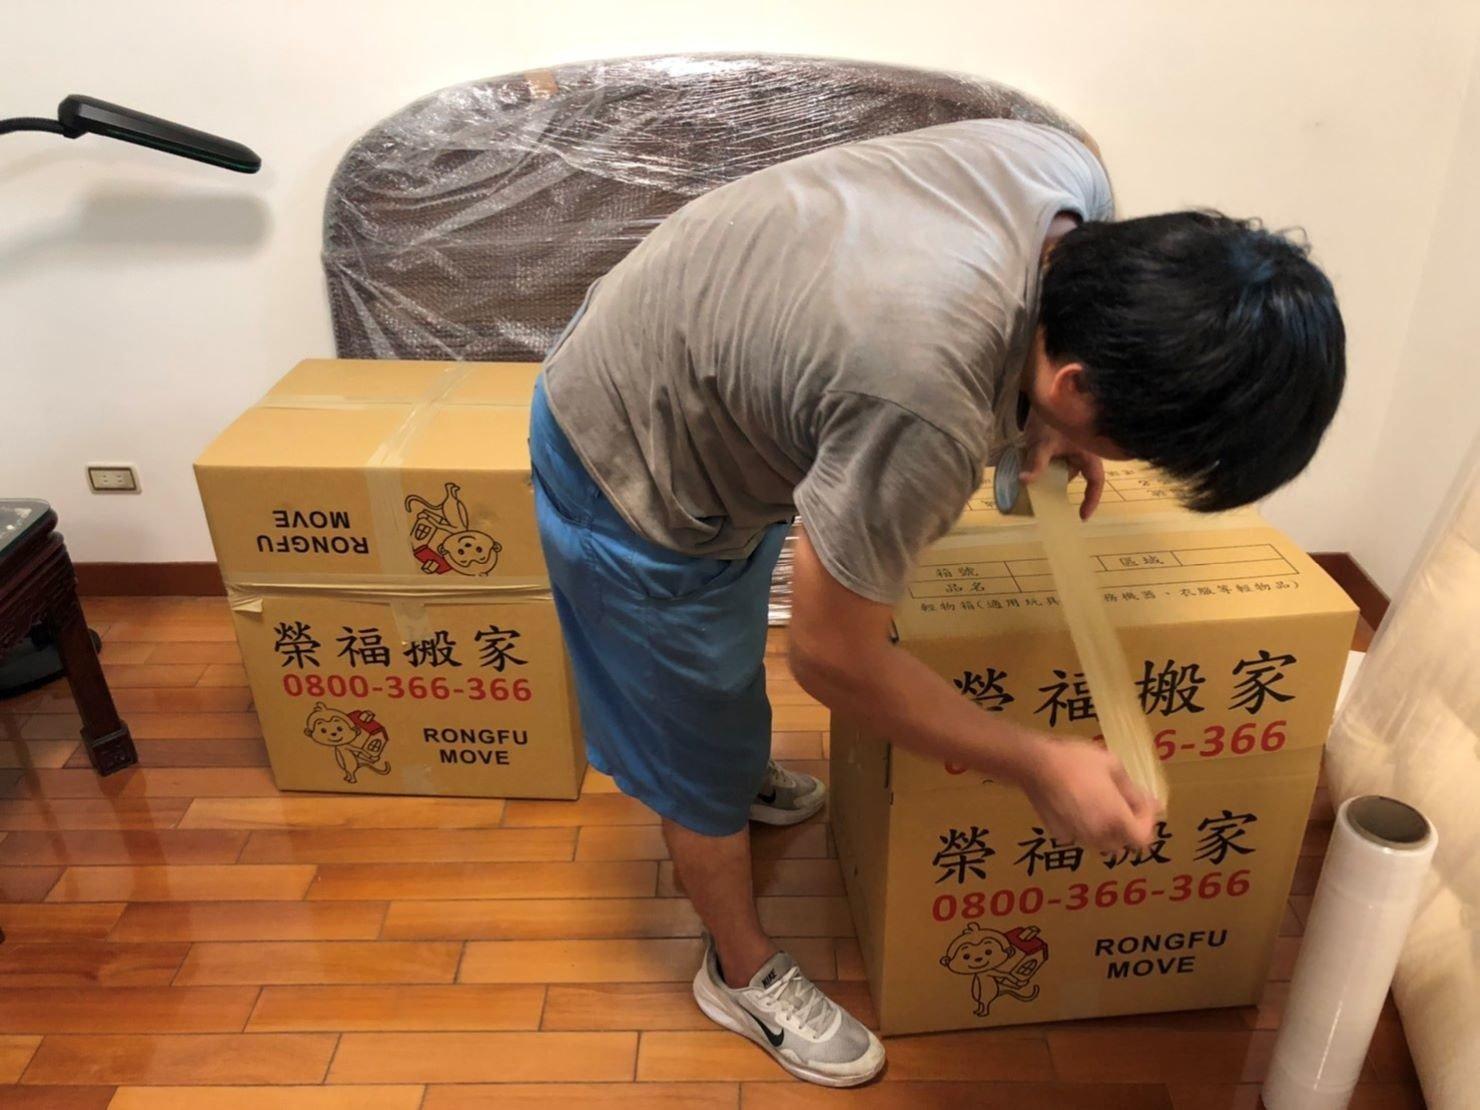 【榮福搬家公司】口碑第一、台北搬家:榮福搬家的搬家用紙箱比一般市面上販售的紙箱還要厚,挺度和抗衝擊性佳、不易損毀。